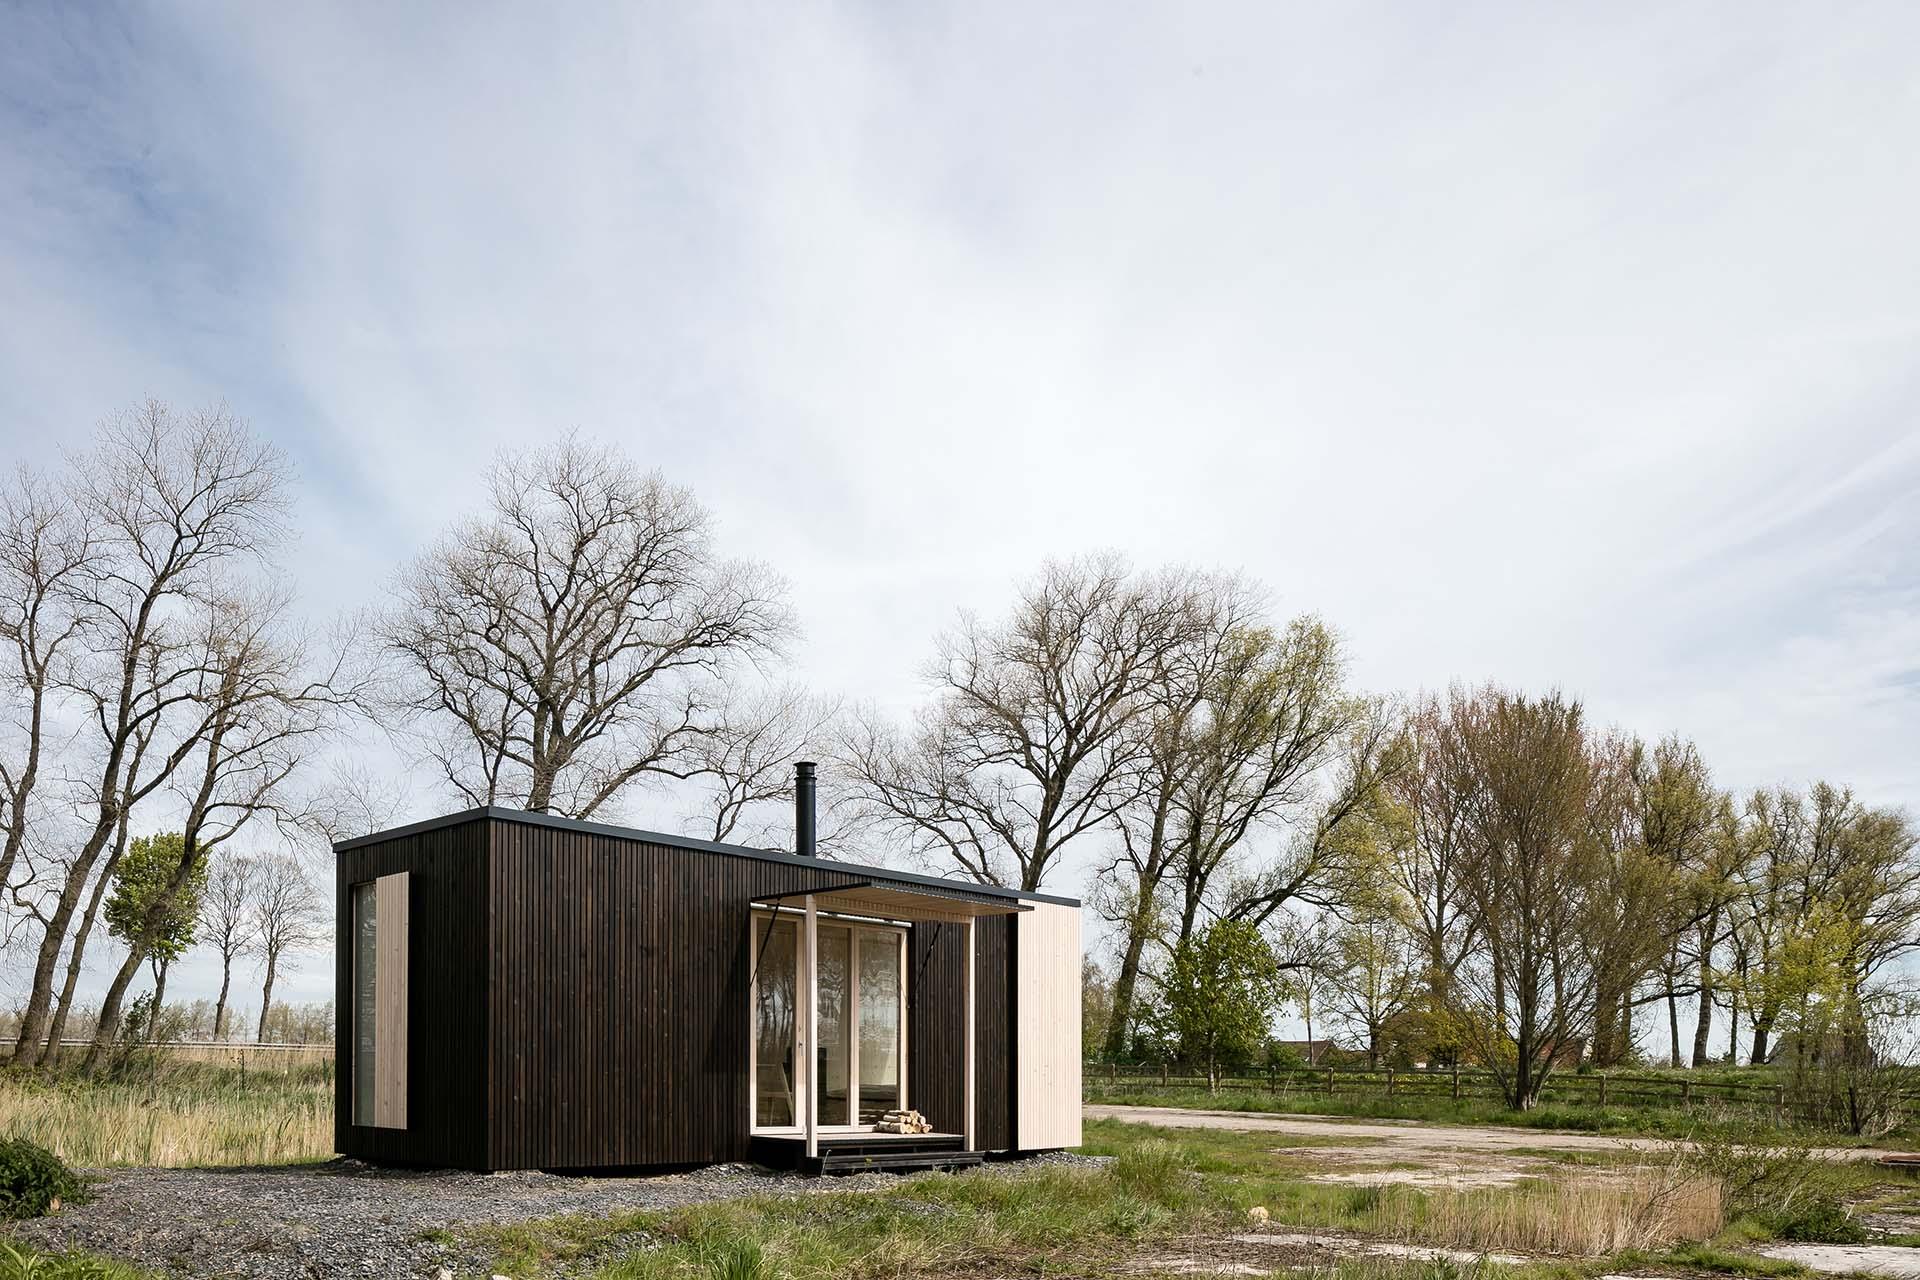 ストレスフルな社会から脱出するためのスモールハウス。現代の方舟「Ark Shelter」